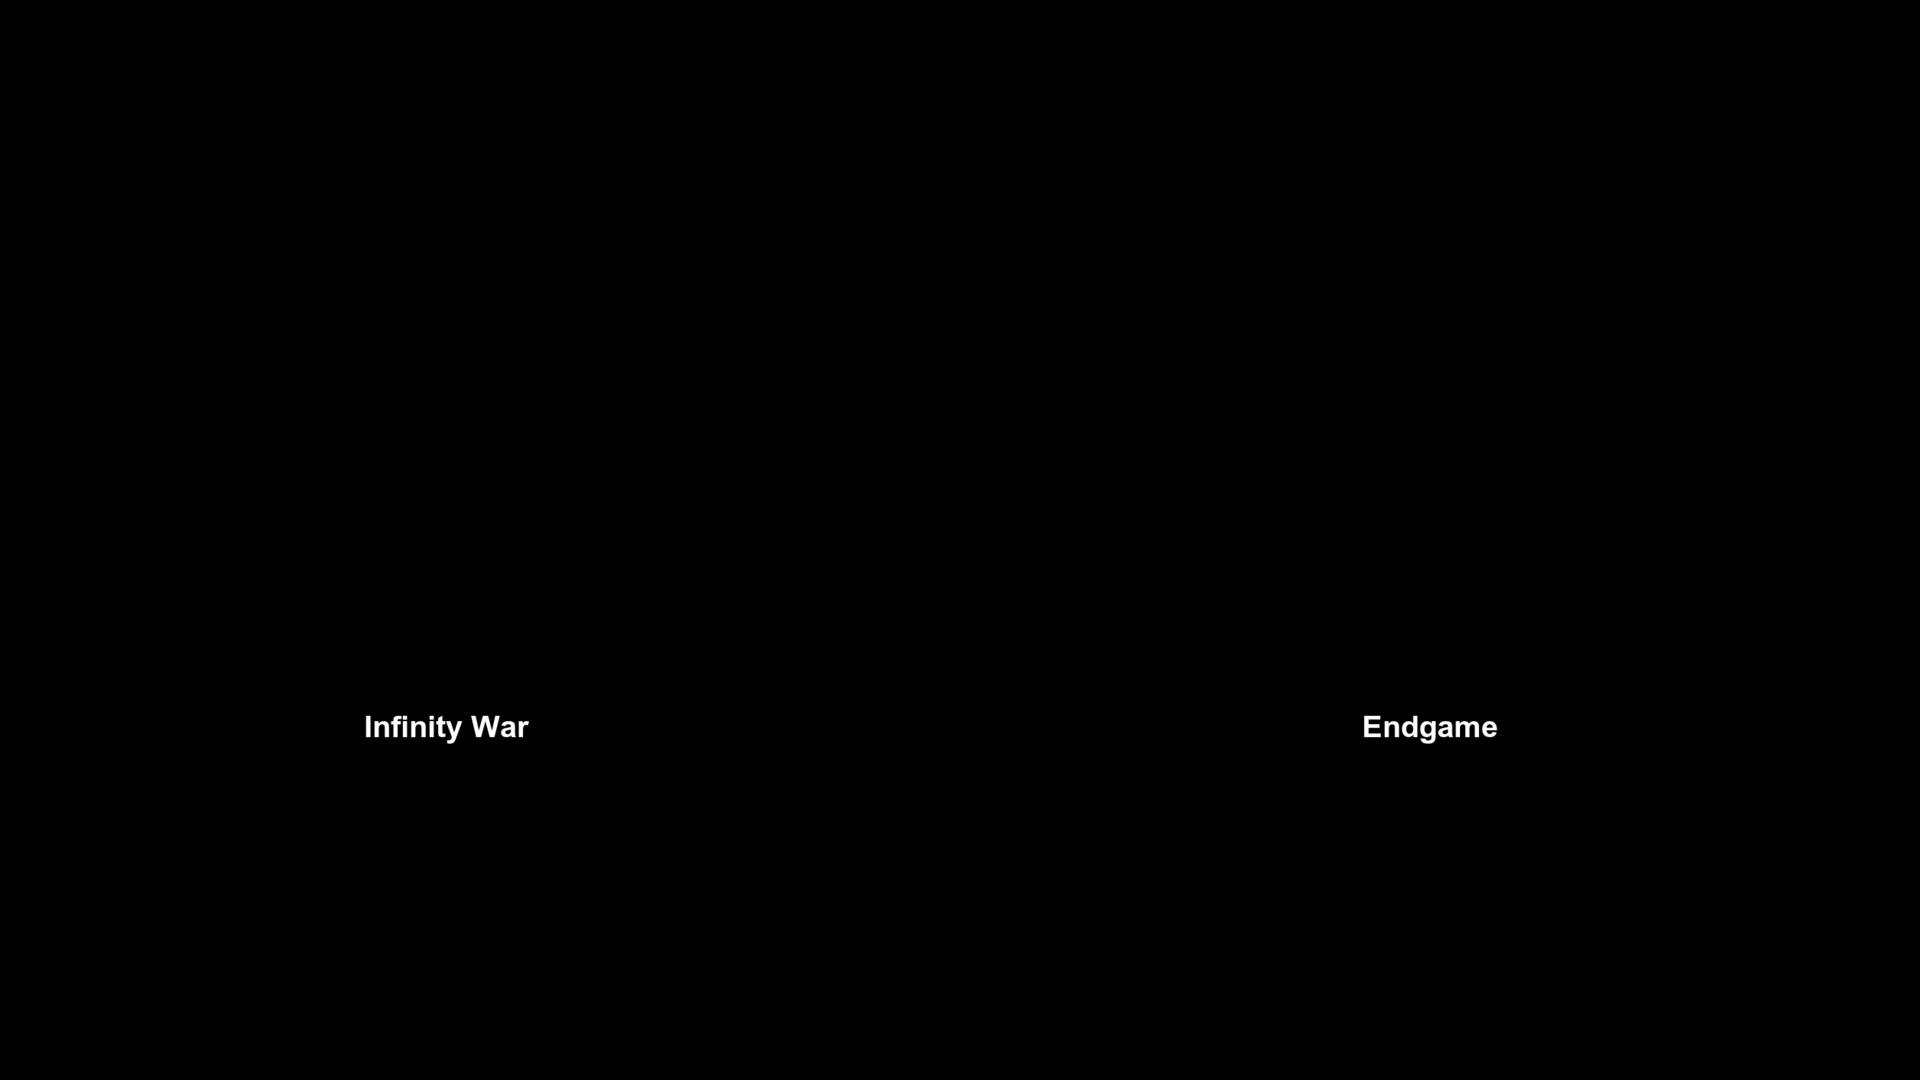 avengers endgame, avengers infinity war, marvel, Snapped Logo GIFs